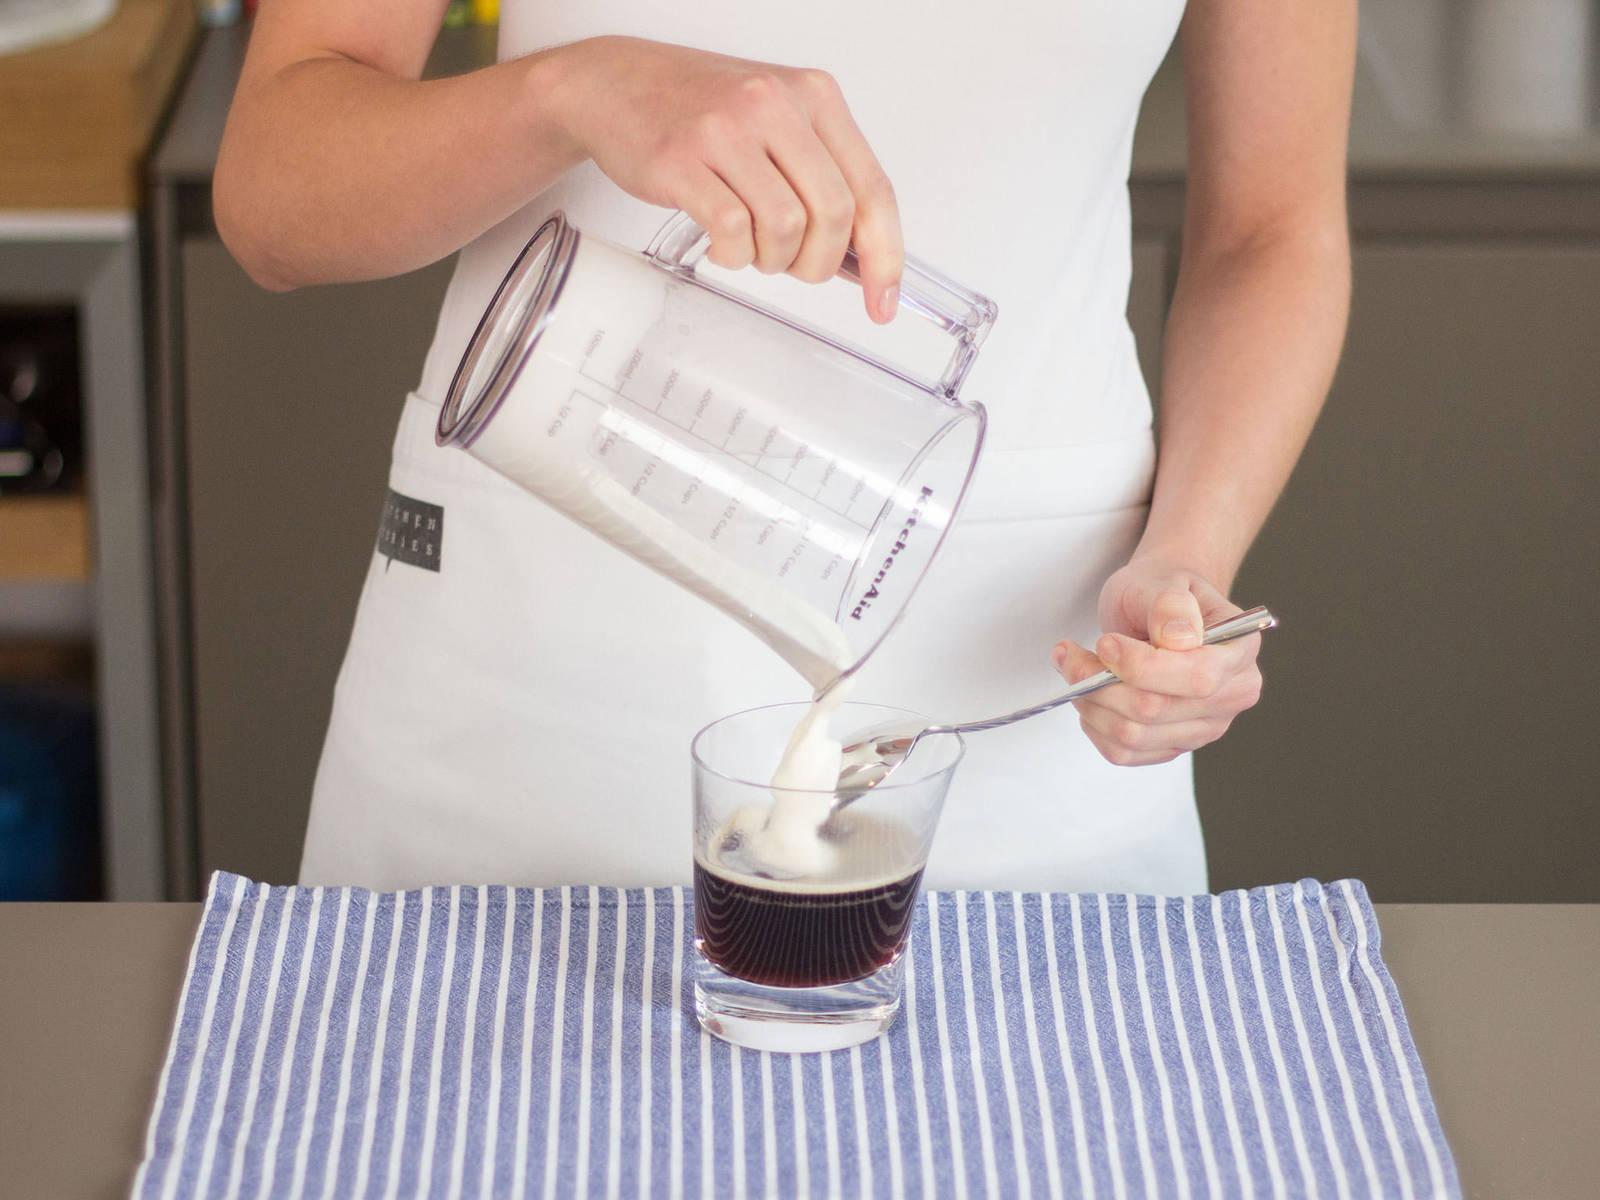 Sahne über einen Löffel auf den Kaffee laufen lassen, sodass sich eine separate Schicht bildet. Guten Appetit!